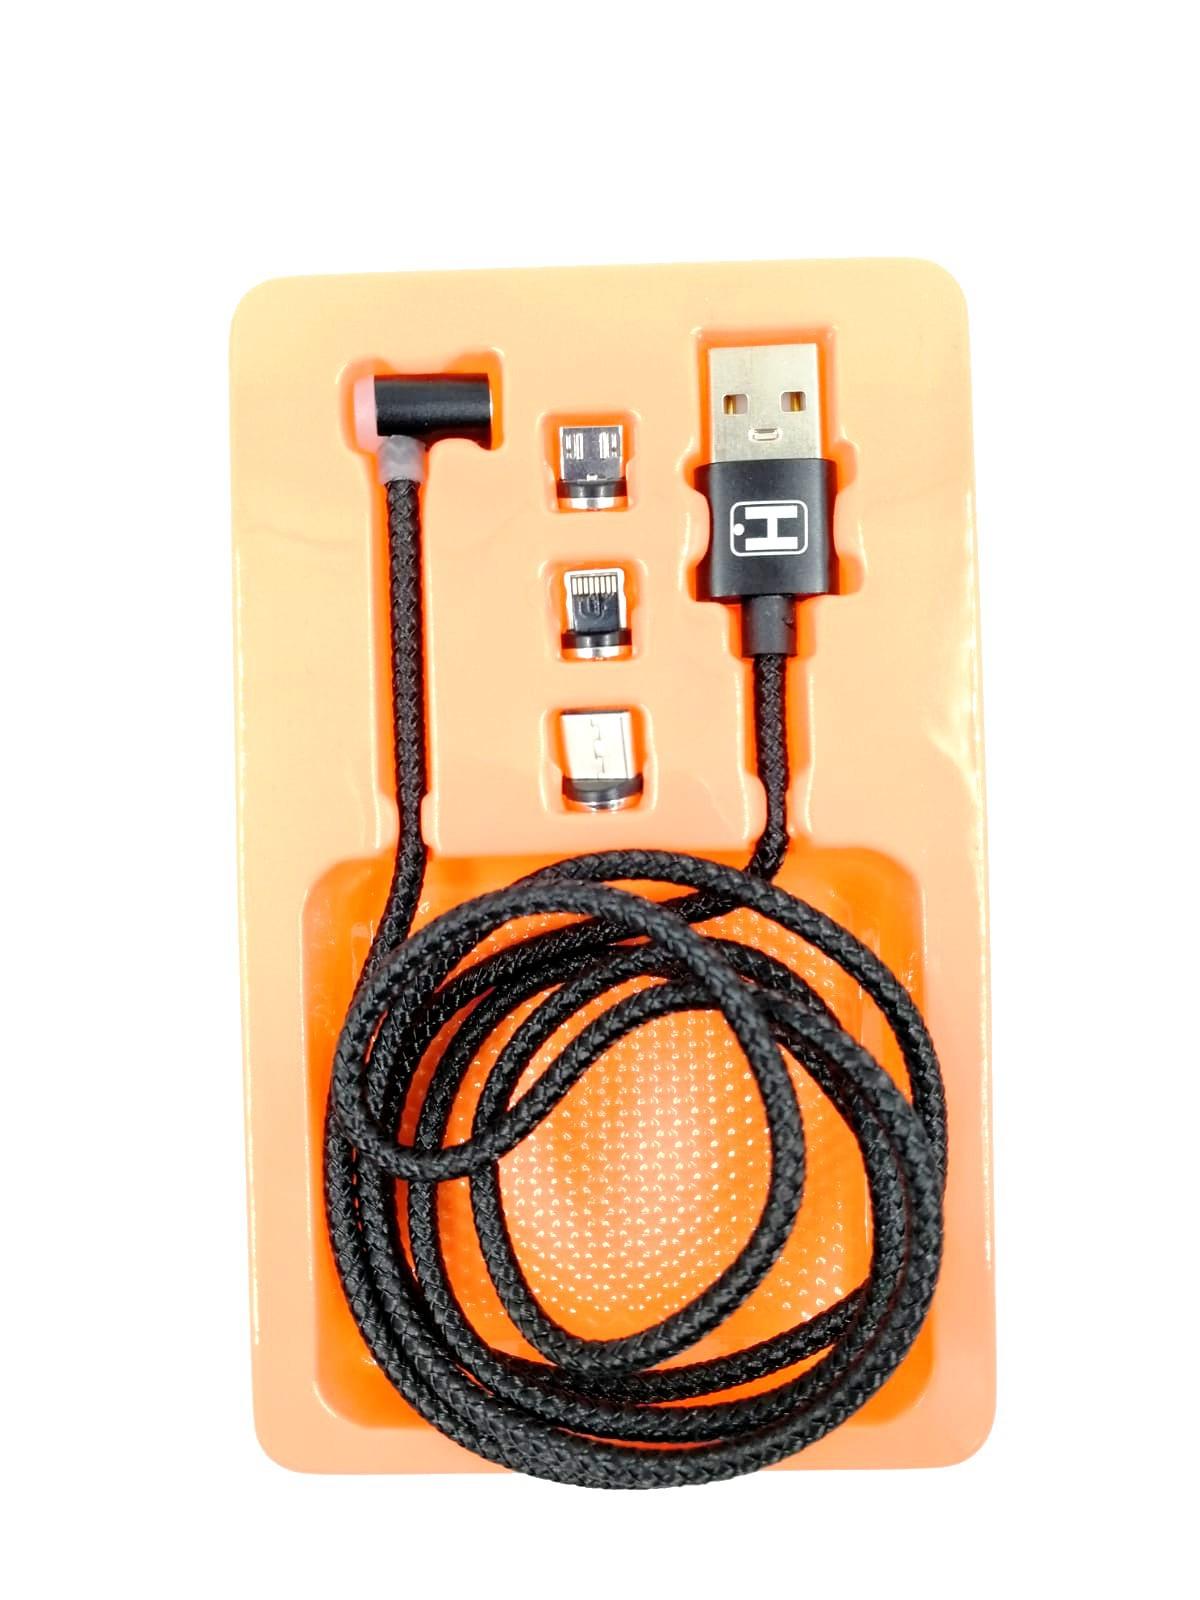 Cabo Magnético com 3 Pontas Laterais, 1m (Apple IOS / Type-C / V8 Micro USB) HS-202